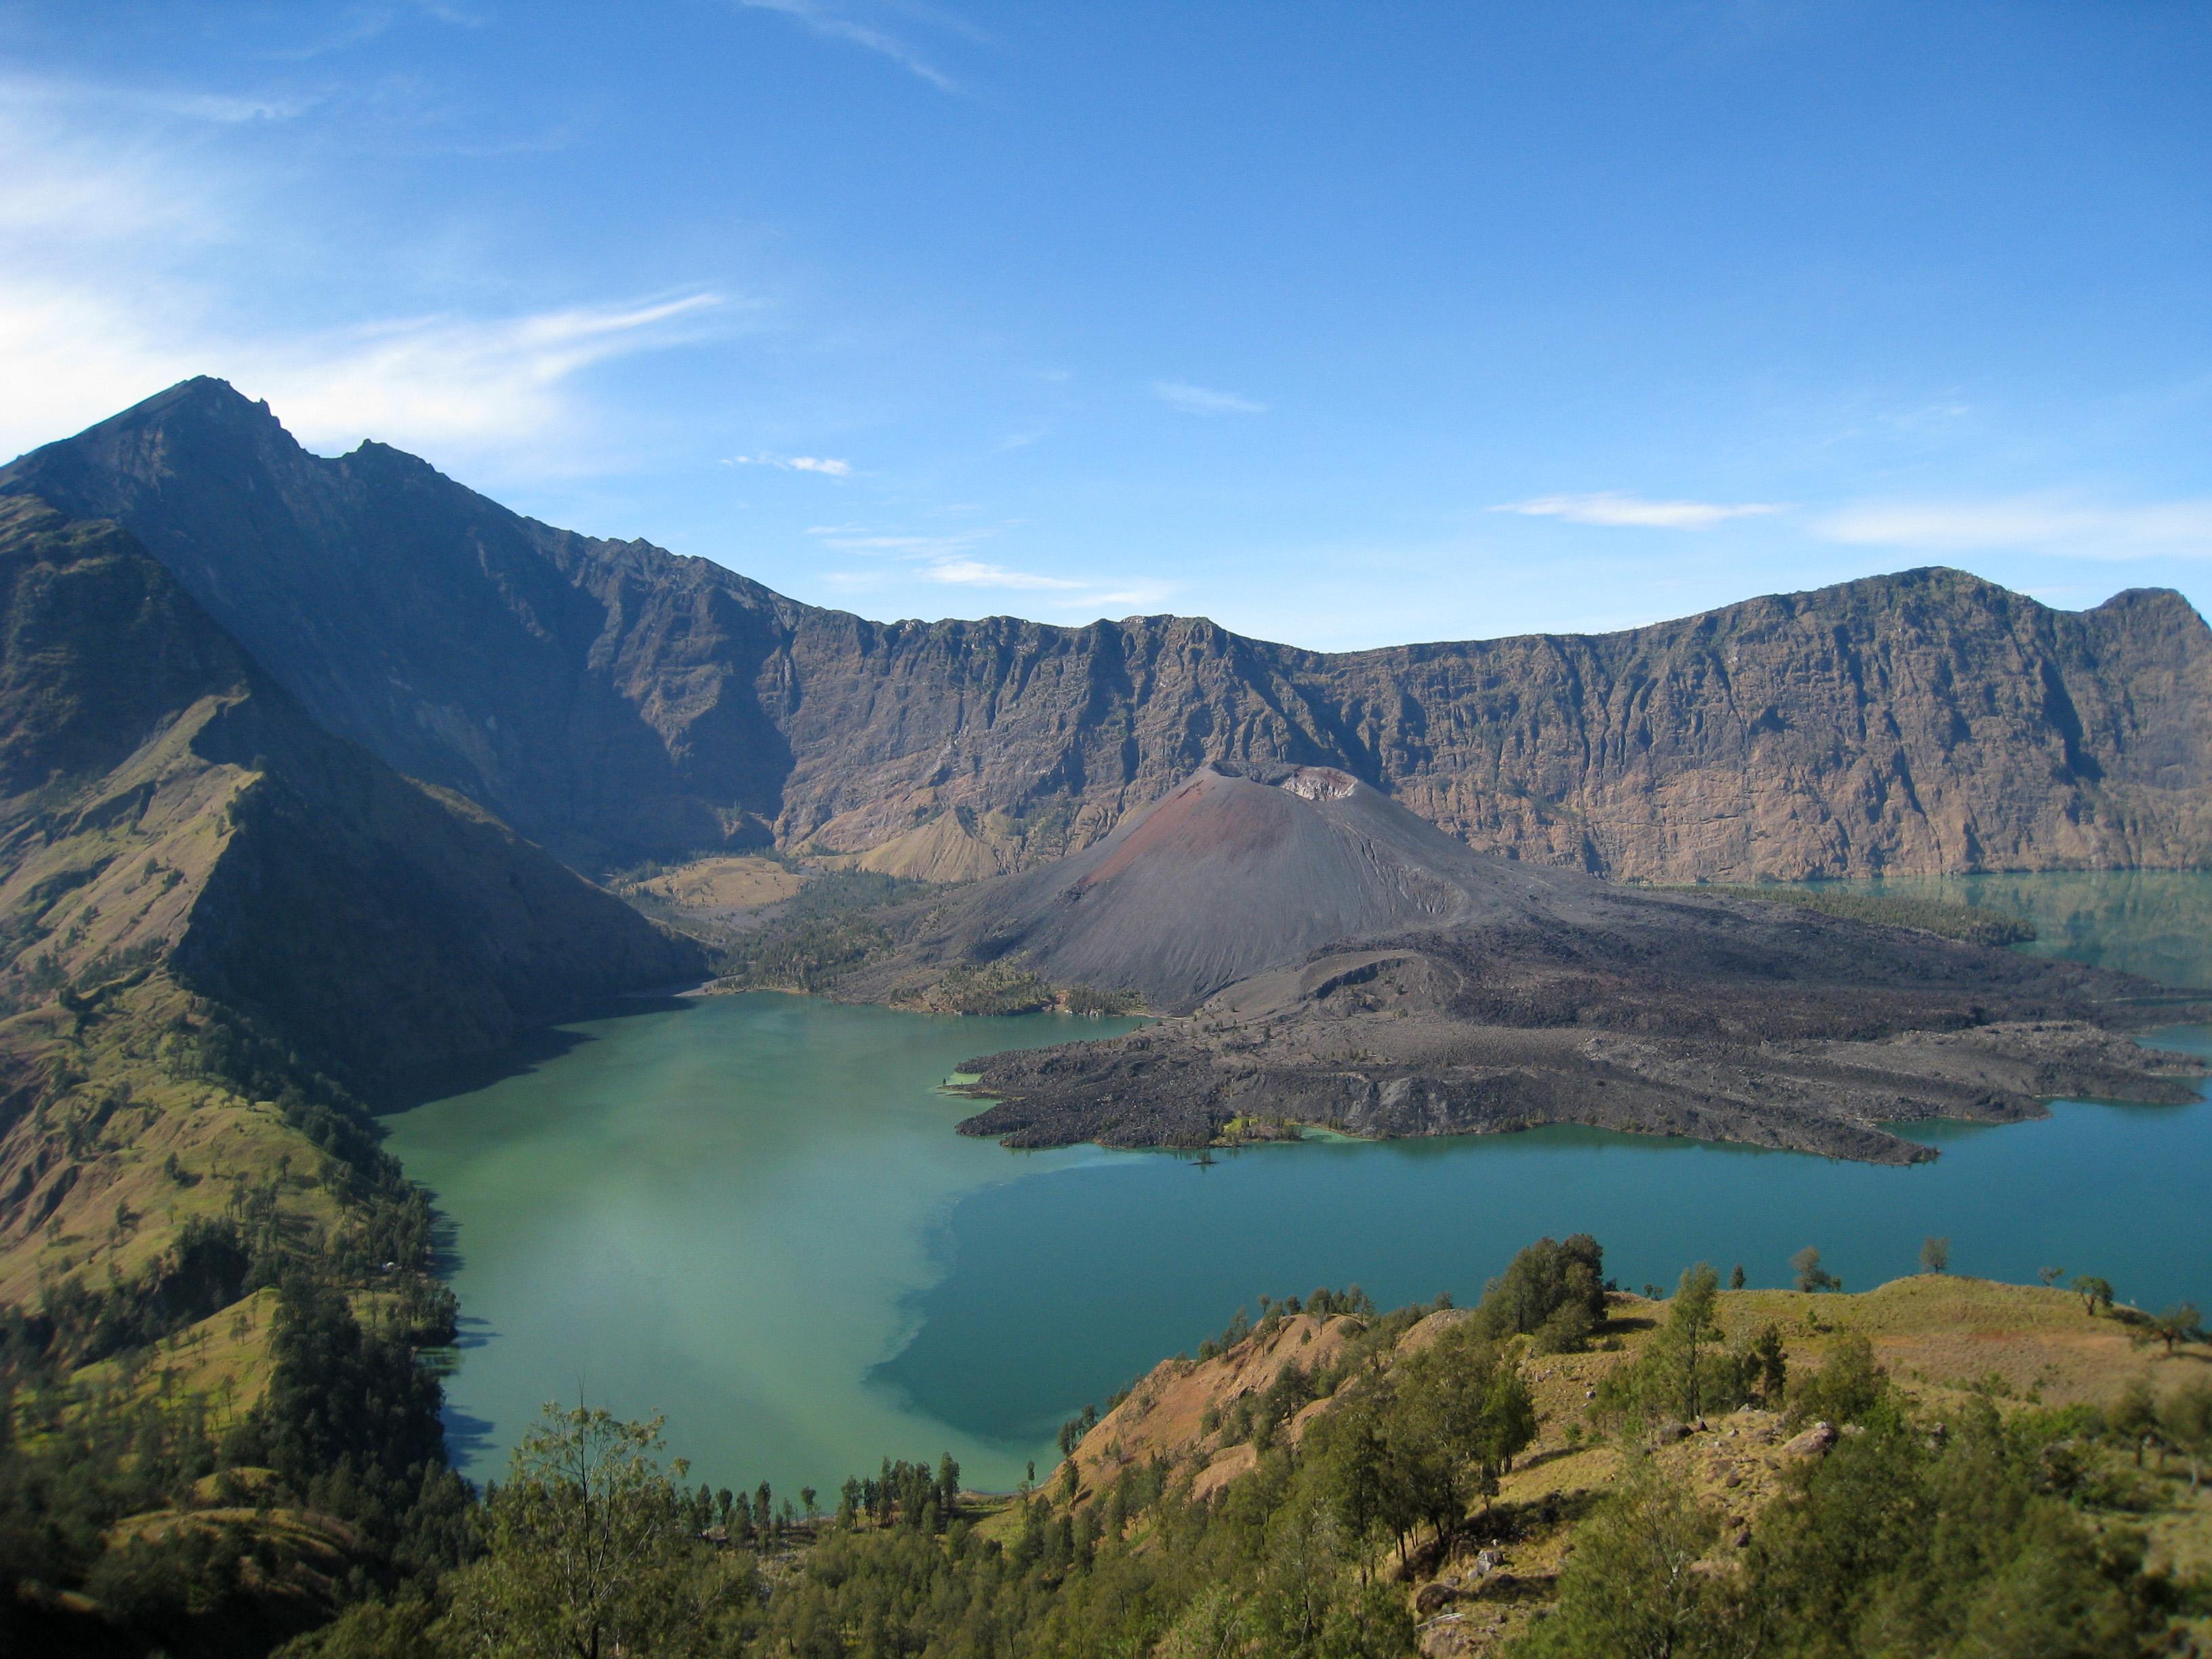 Lago Segara Anak